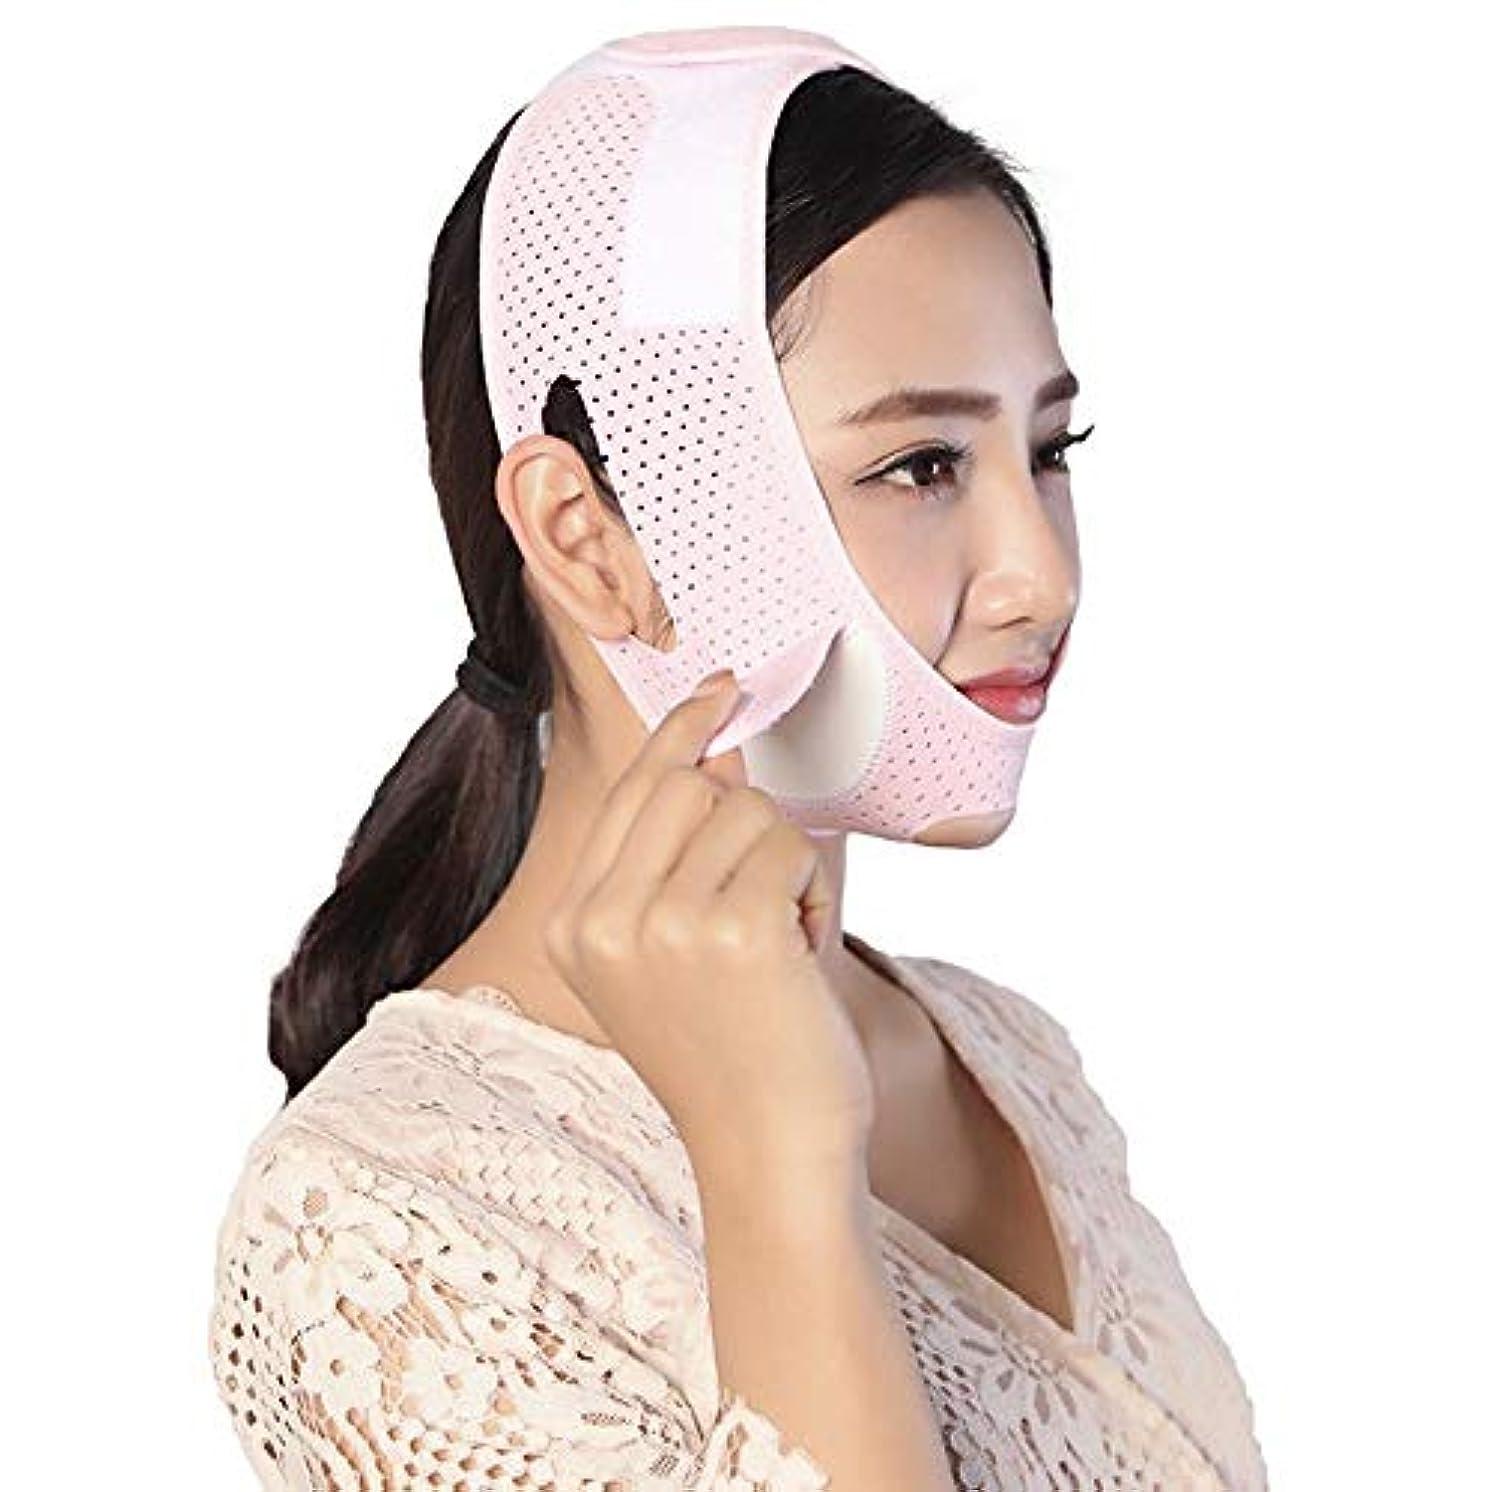 肥沃な影響力のある非アクティブ薄い顔のバンド - 薄い顔の包帯は、ダブルの顎の法令Vをマスクするために持ち上げて睡眠マスクの通気